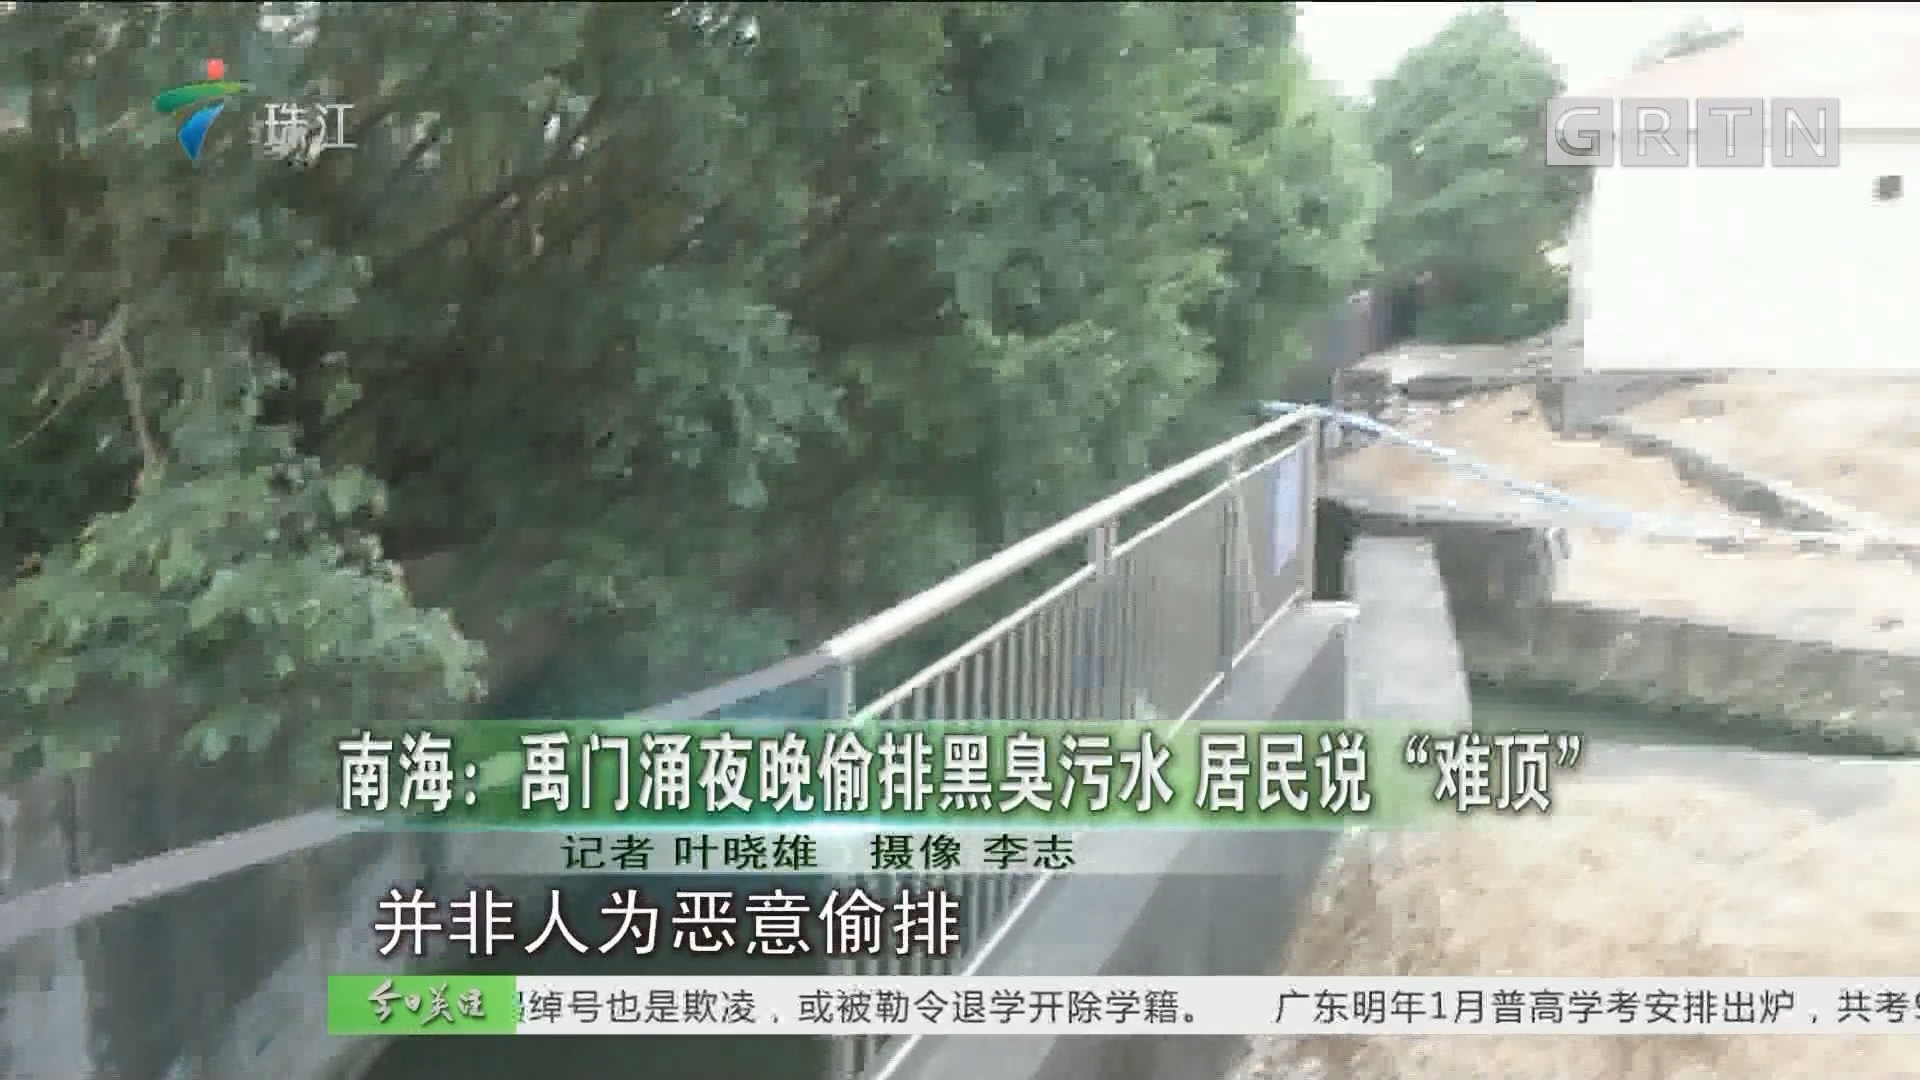 """南海:禹门涌夜晚偷排黑臭污水 居民说""""难顶"""""""